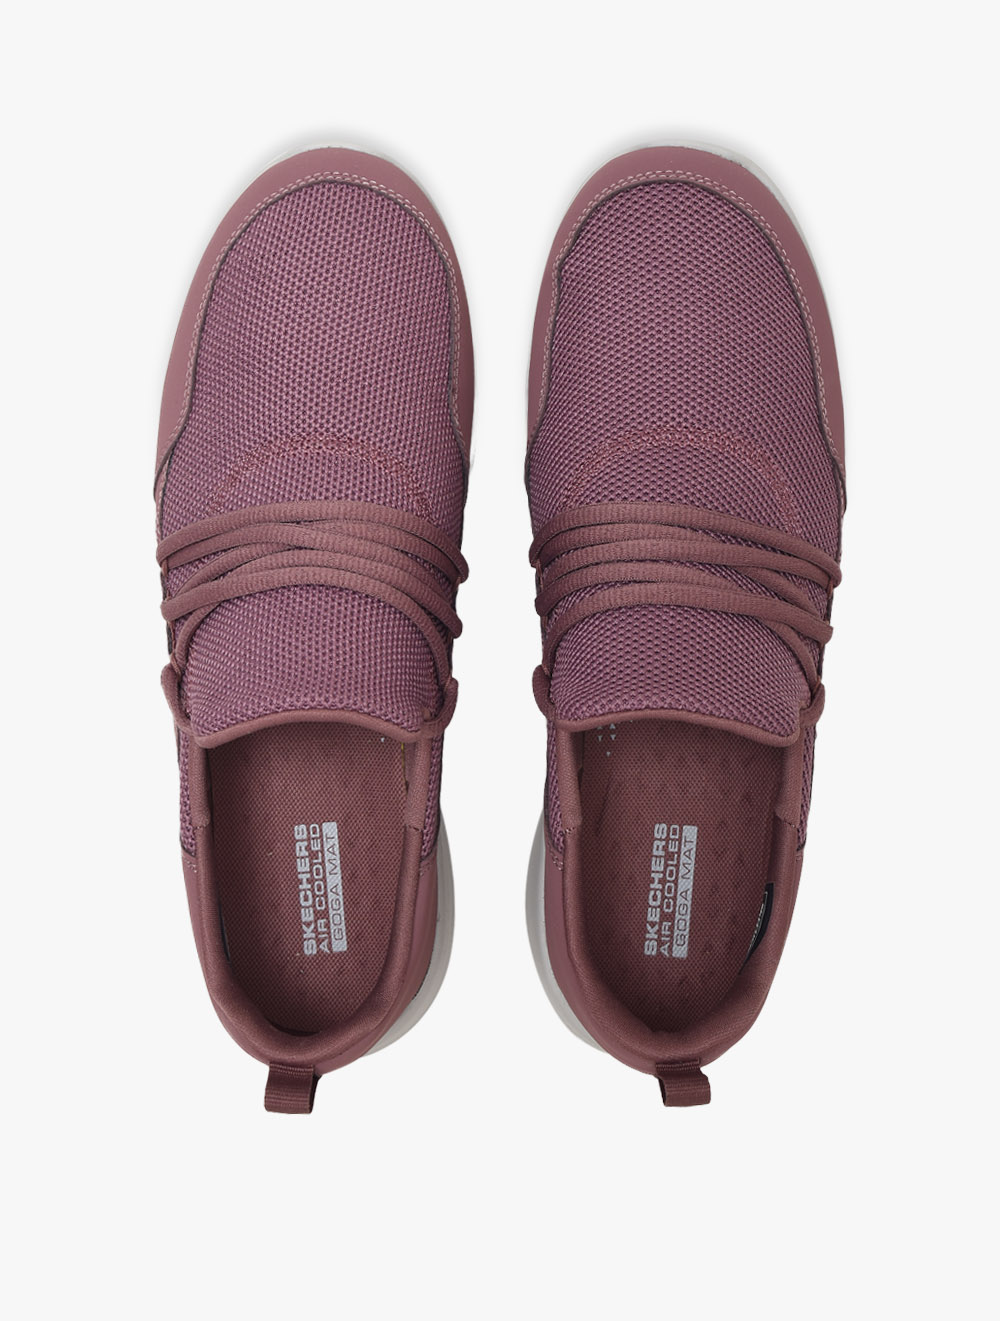 Skechers Gowalk Joy Women''s Sneakers